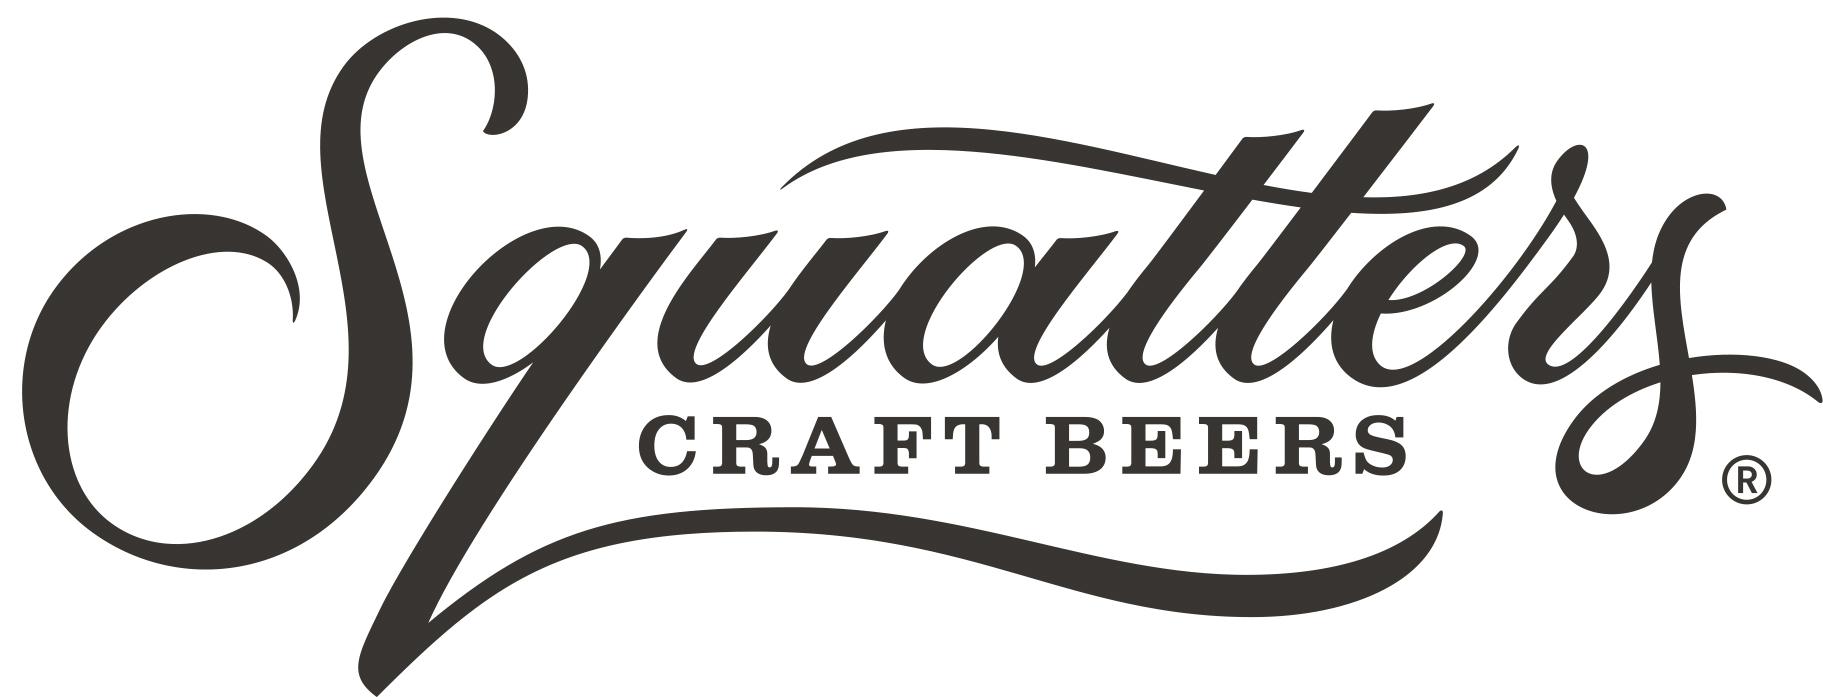 Squatters Craft Beers.jpg